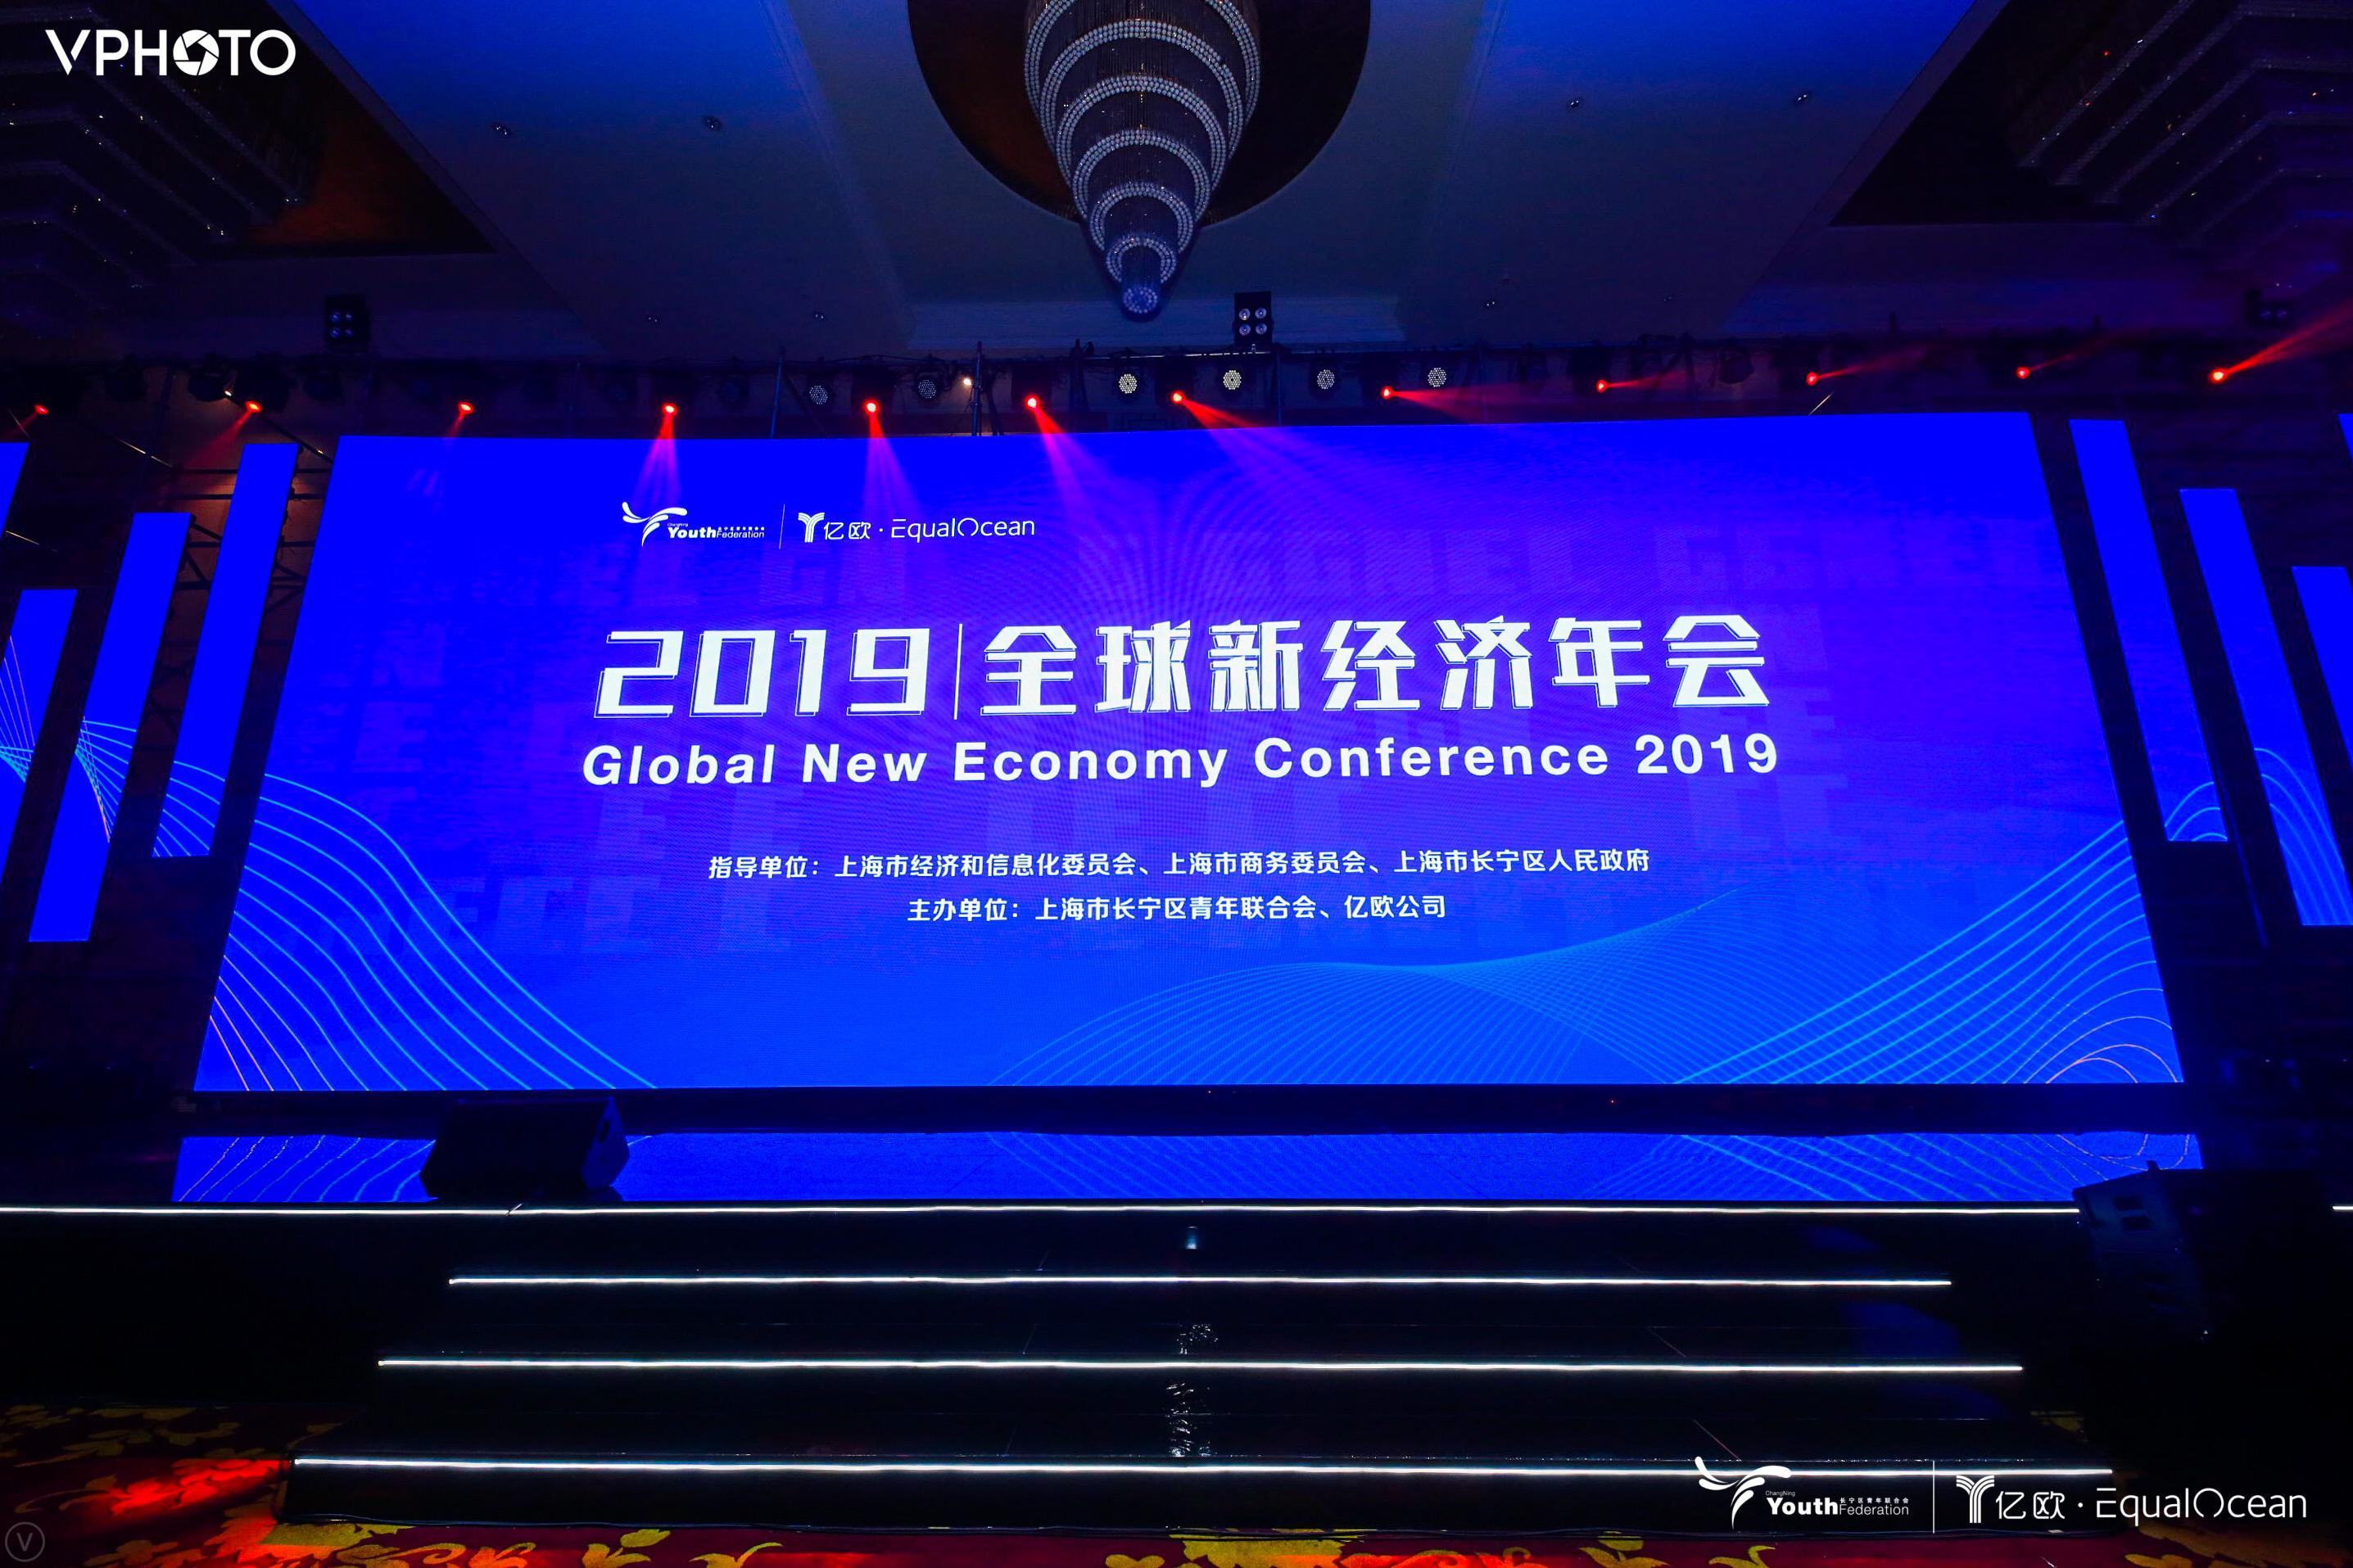 科创引领智能新时代,2019全球新经济年会在沪召开